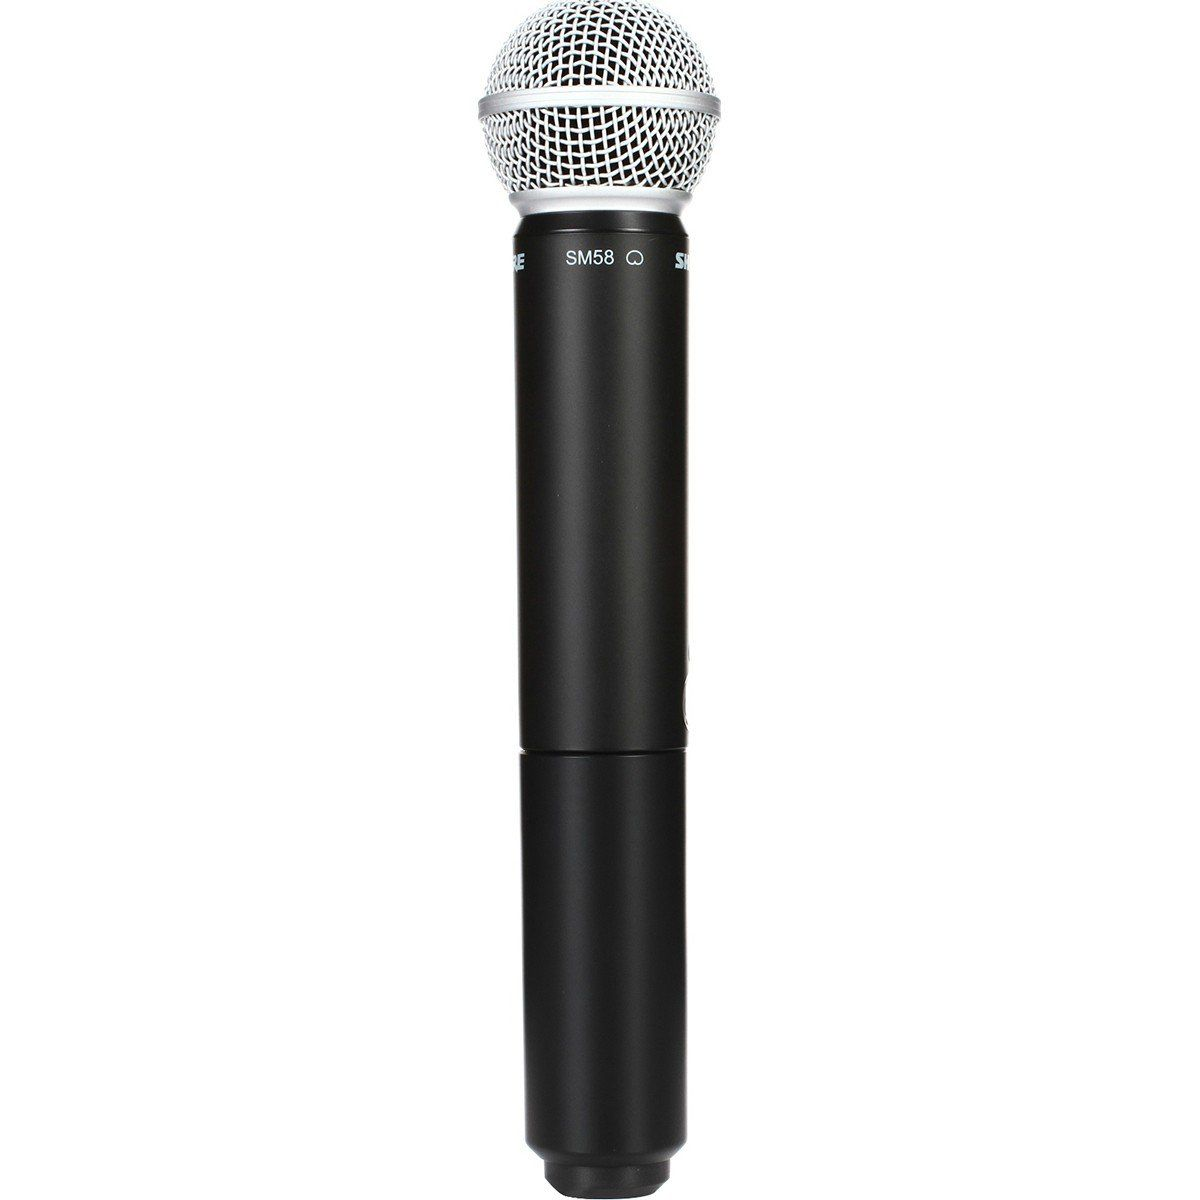 Shure BLX24/SM58 Microfone Sem fio Shure BLX24 SM 58 para Palestras e Eventos